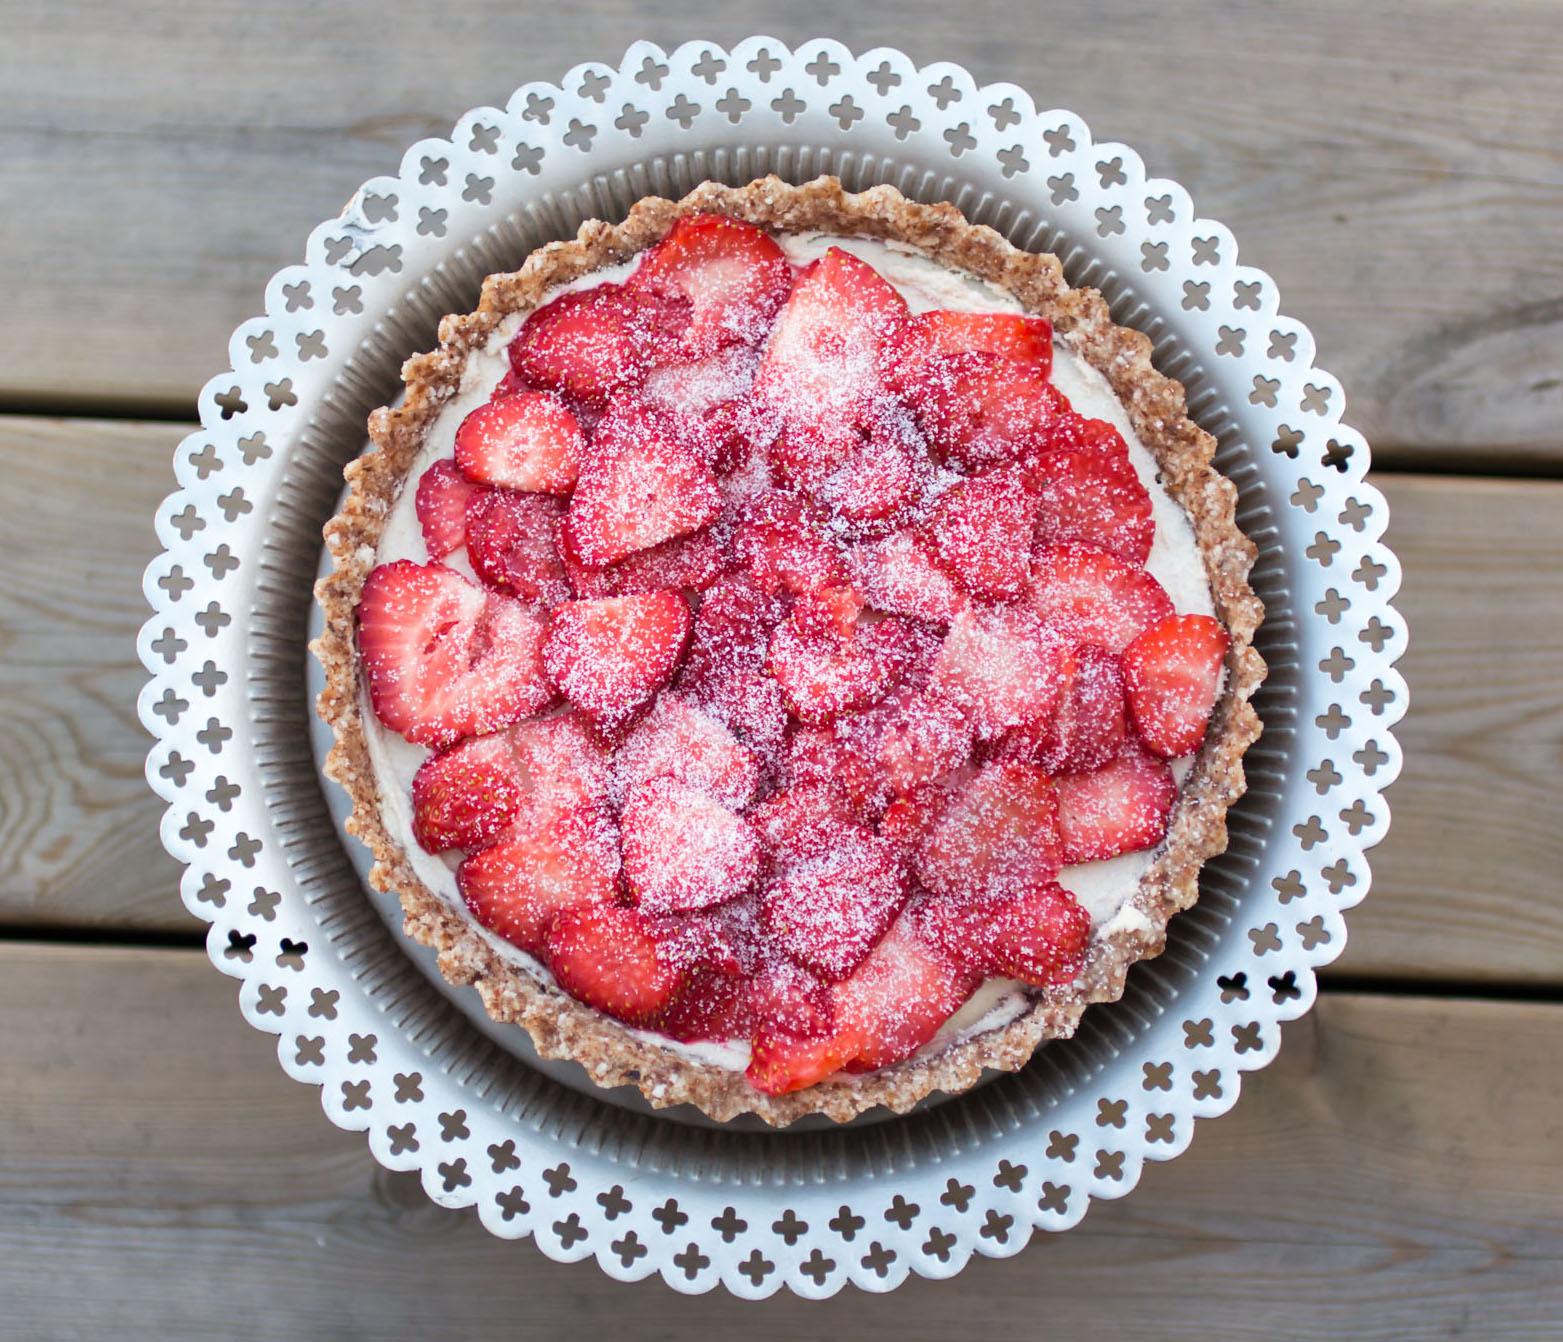 IMG_3577 Sommar tårta - Limekräm & jordgubbar